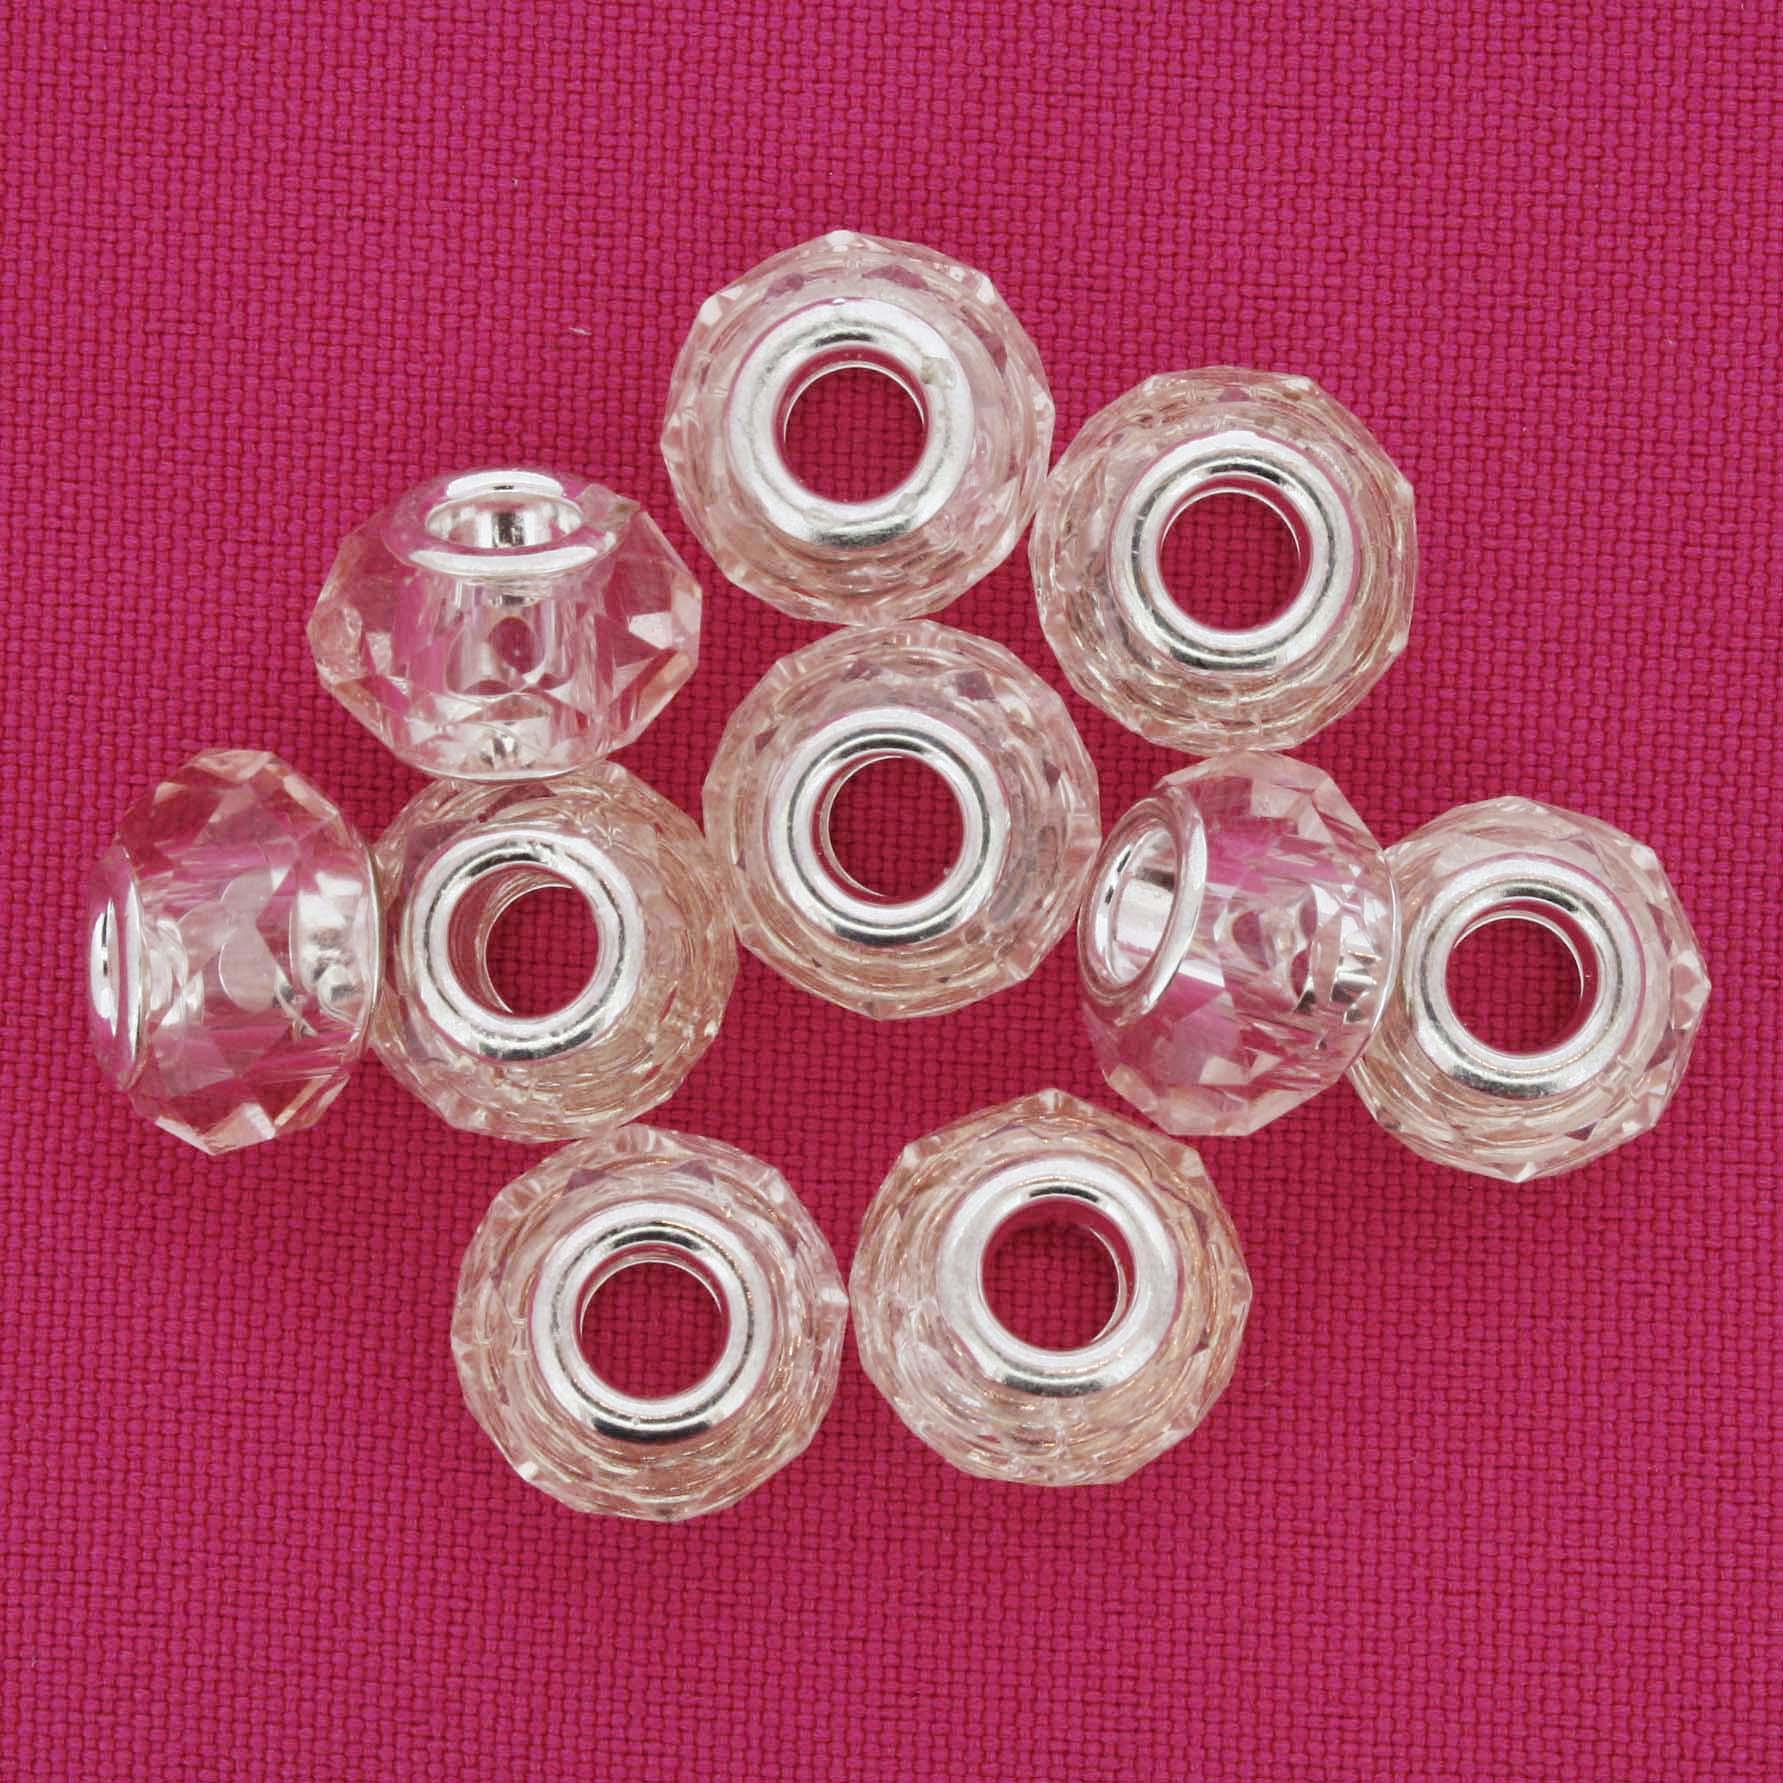 Berloque Crystal® - Rosa Claro Transparente - Níquel  - Stéphanie Bijoux® - Peças para Bijuterias e Artesanato